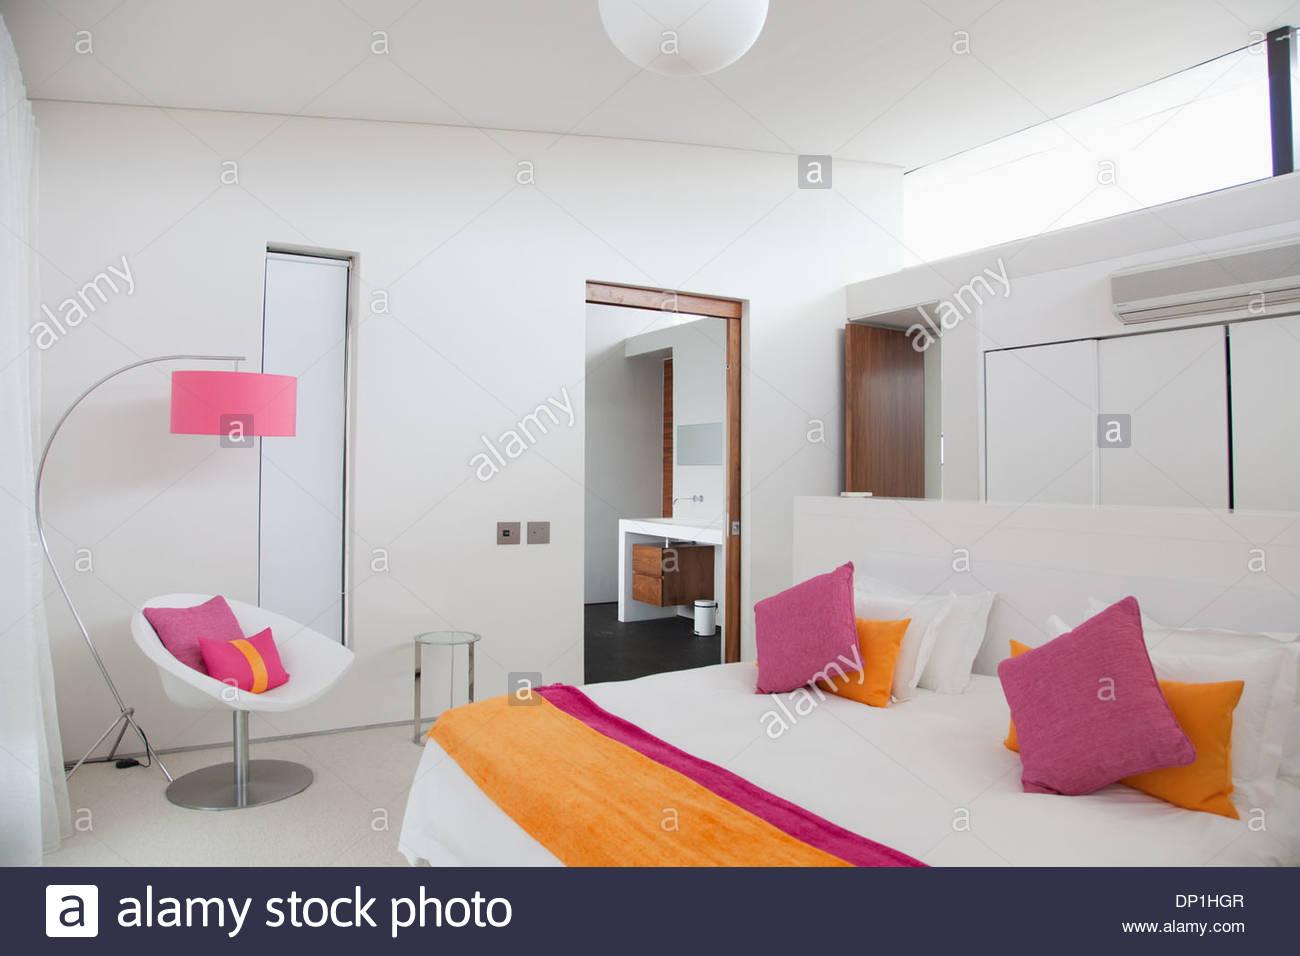 Dormitorio en casa moderna Imagen De Stock